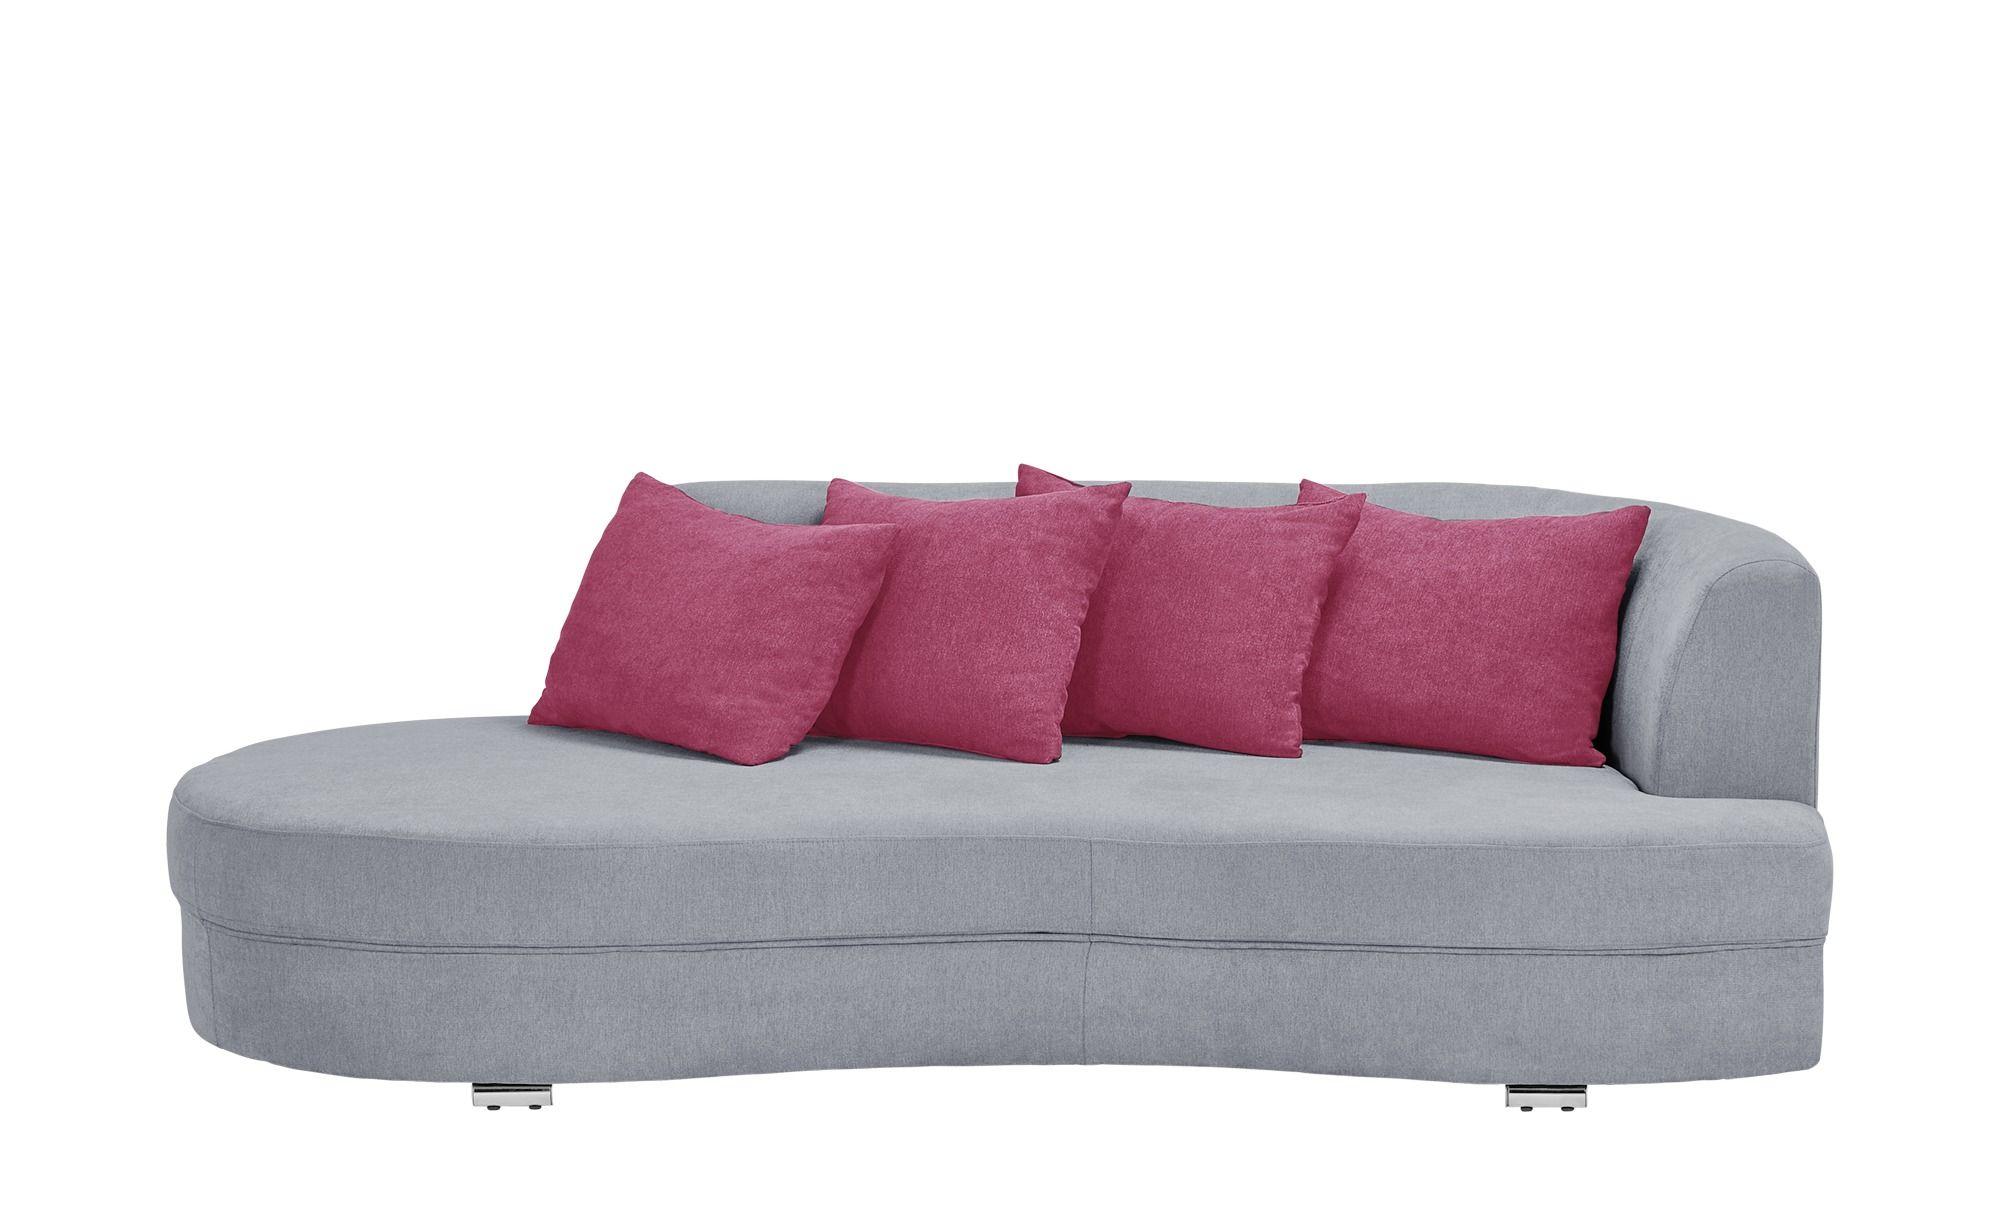 Smart Big Sofa Grau Flachgewebe Marina Grosse Sofas Big Sofa Grau Und Sofas